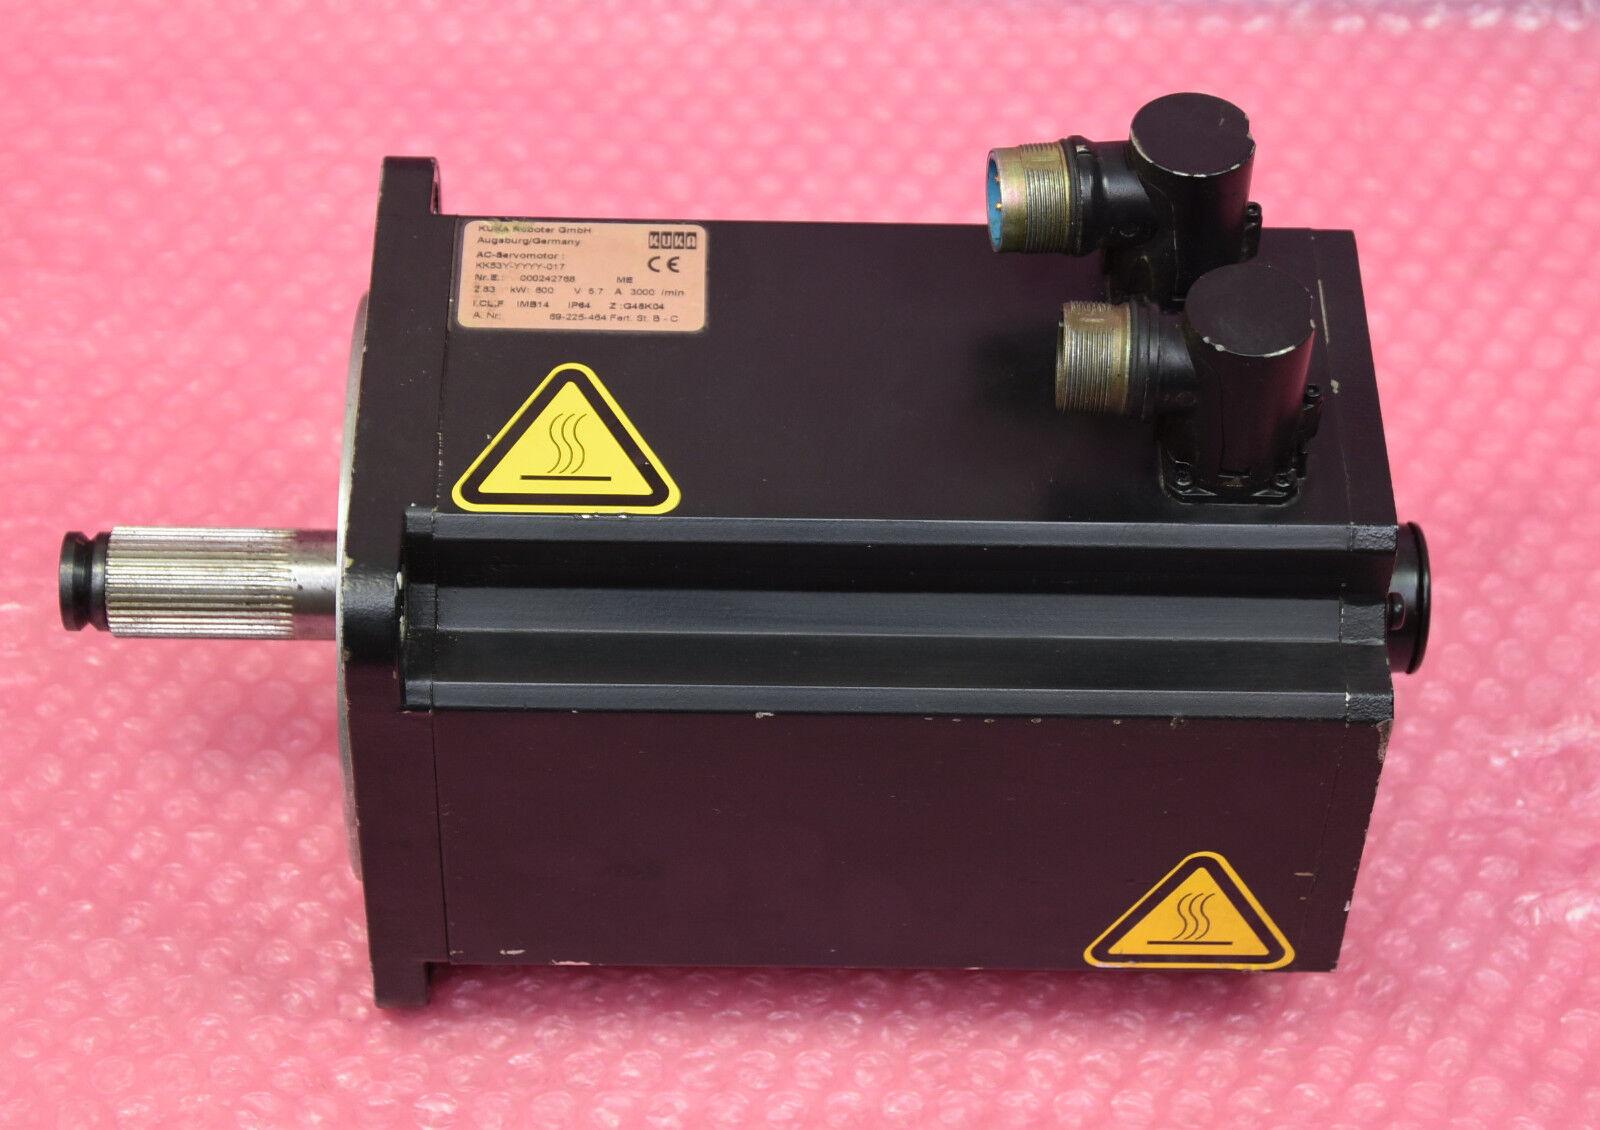 KUKA Robot AC-Moteur D'Asservissement D'Asservissement D'Asservissement type: kk53y-AAAA - 017 f4f974